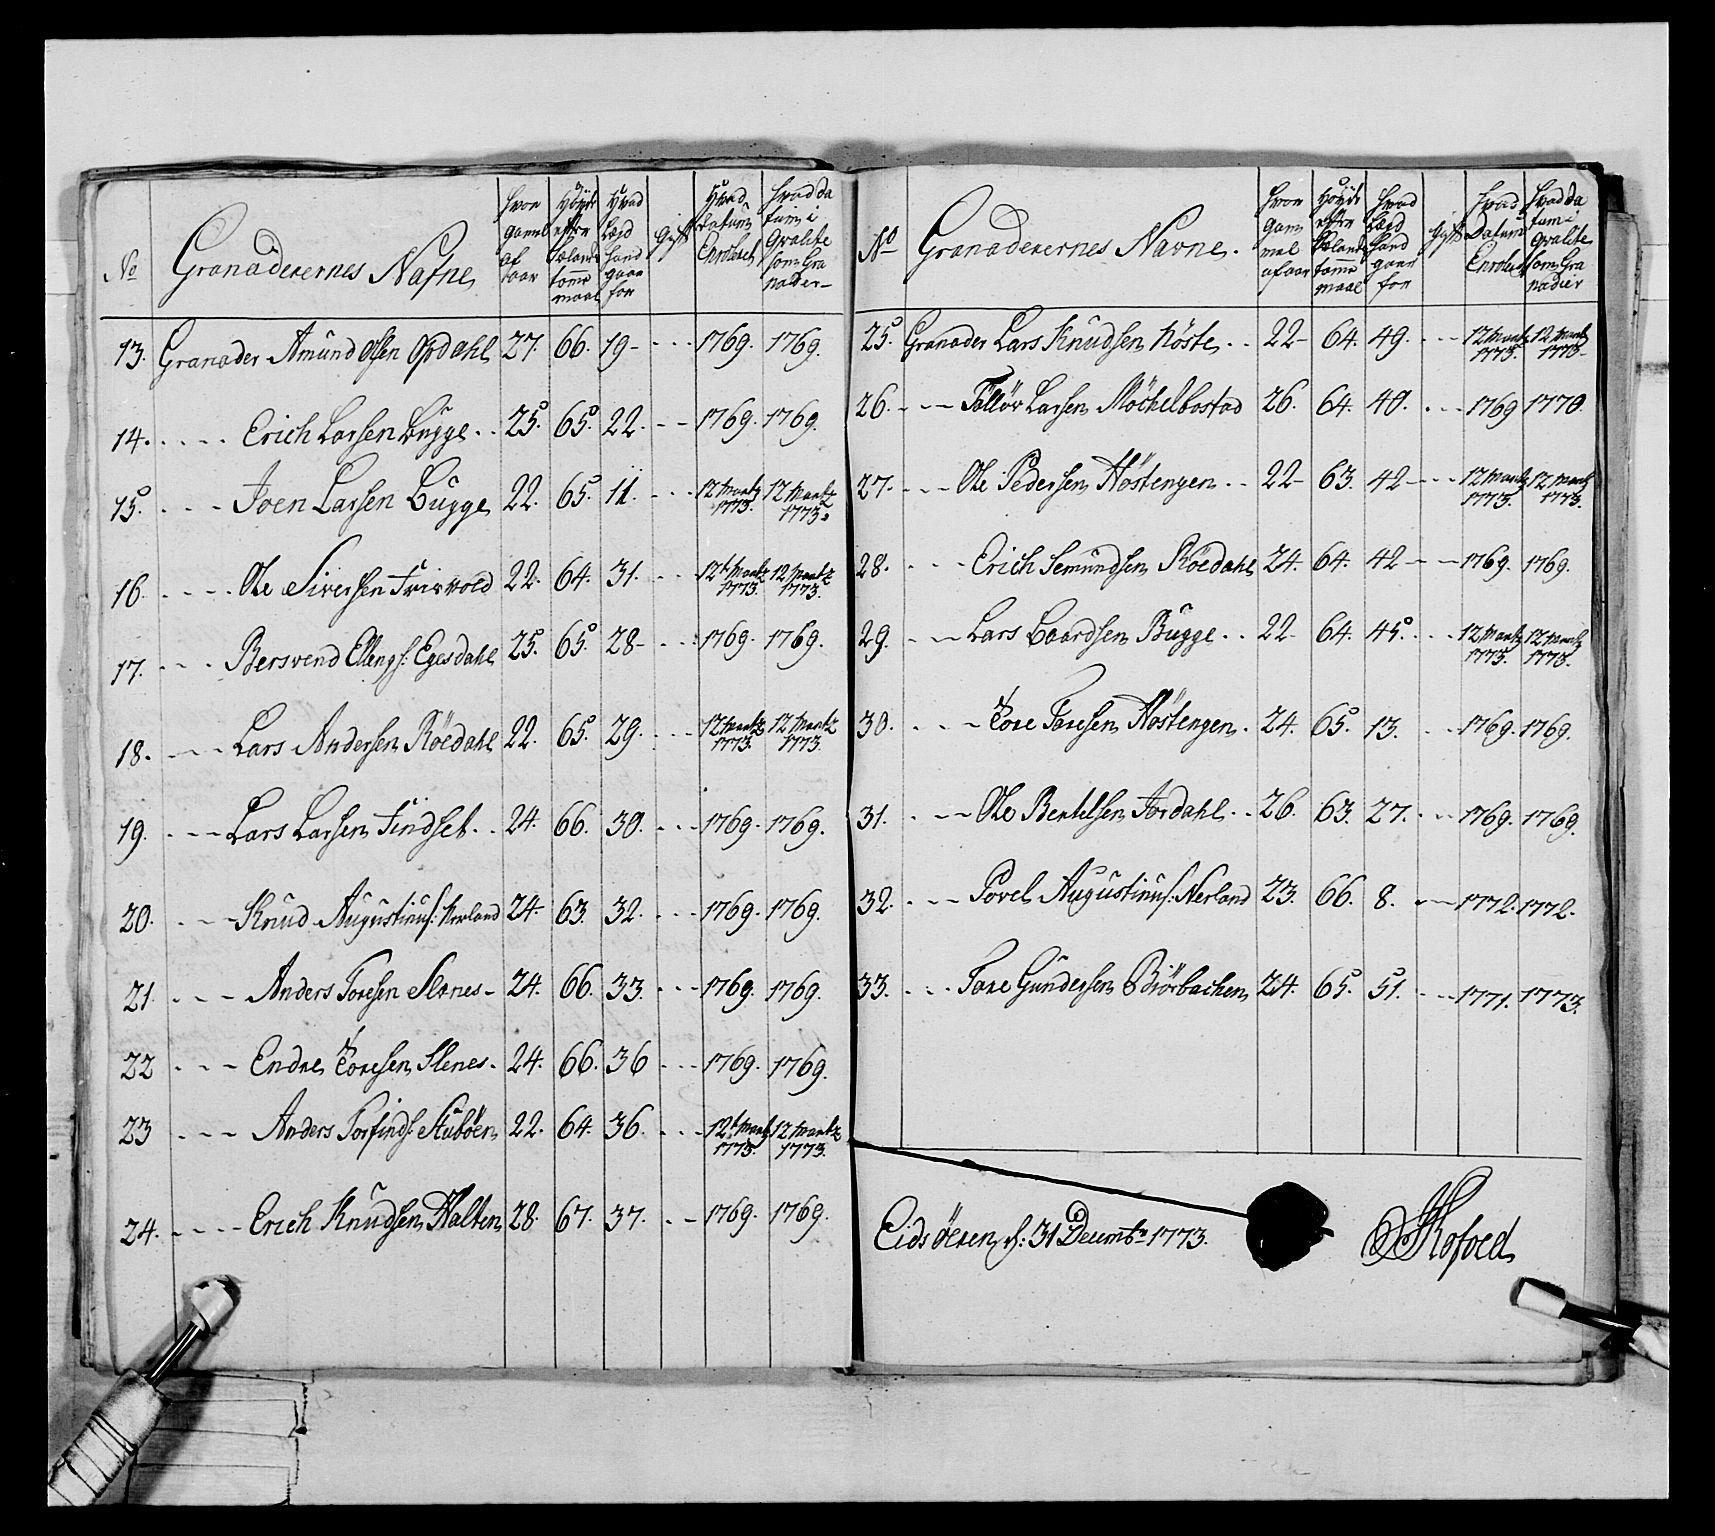 RA, Generalitets- og kommissariatskollegiet, Det kongelige norske kommissariatskollegium, E/Eh/L0076: 2. Trondheimske nasjonale infanteriregiment, 1766-1773, s. 282